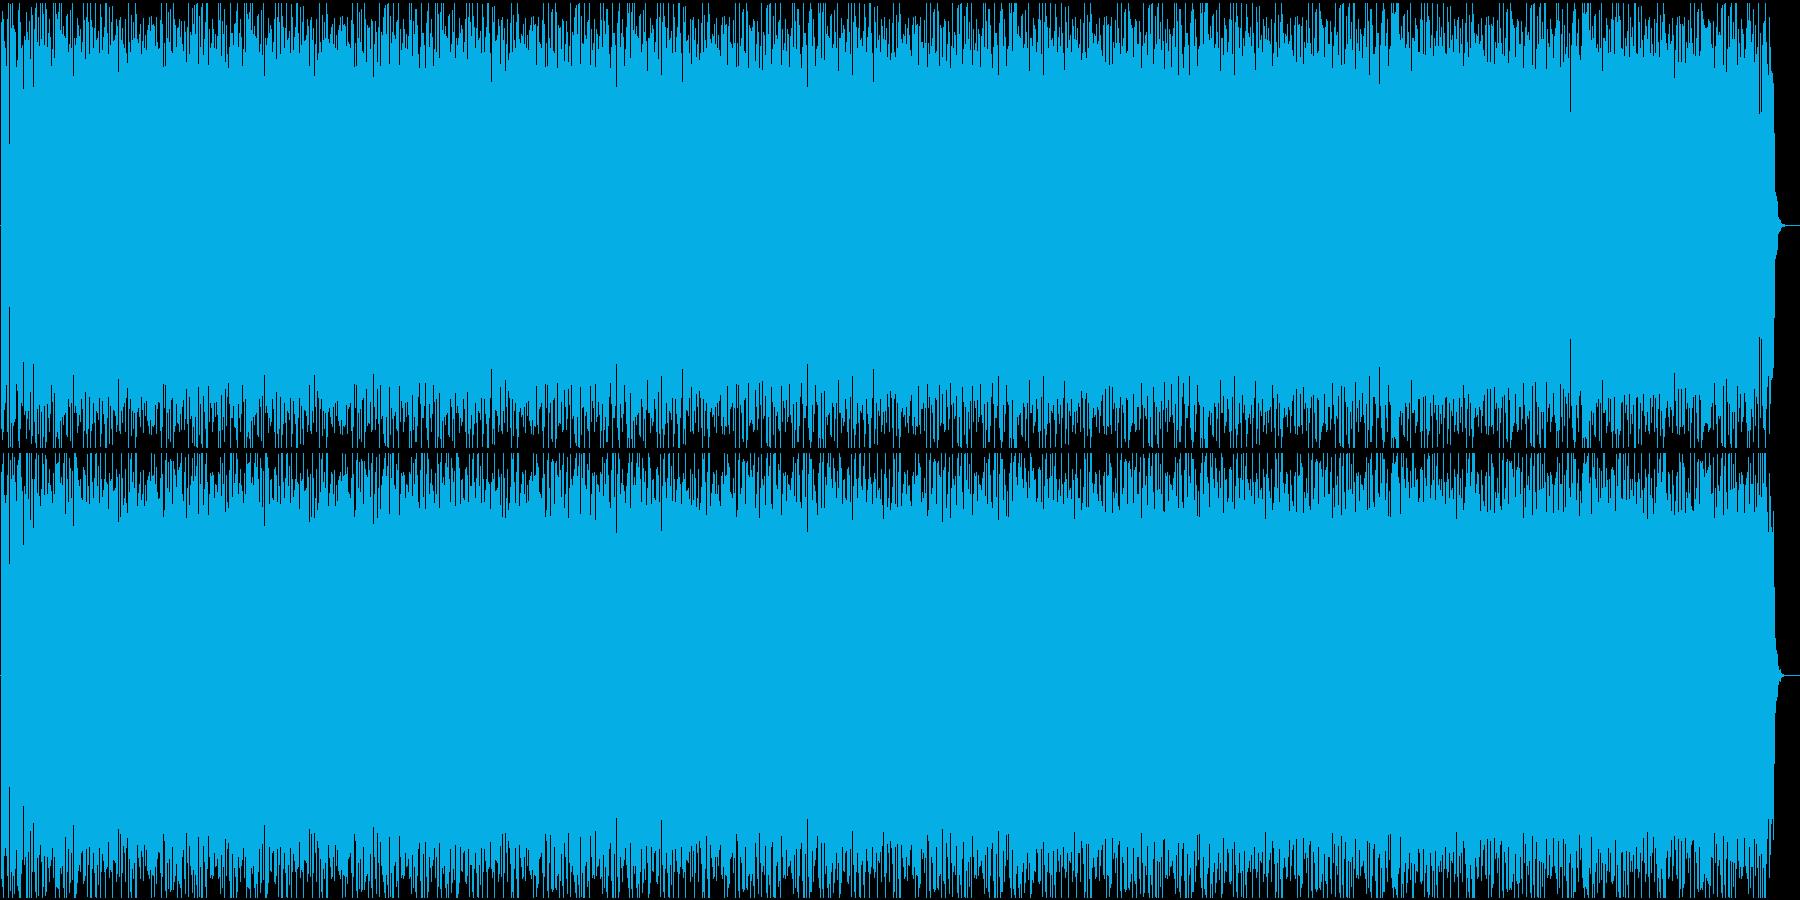 ベースがうねる四つ打ちダンスミュージックの再生済みの波形